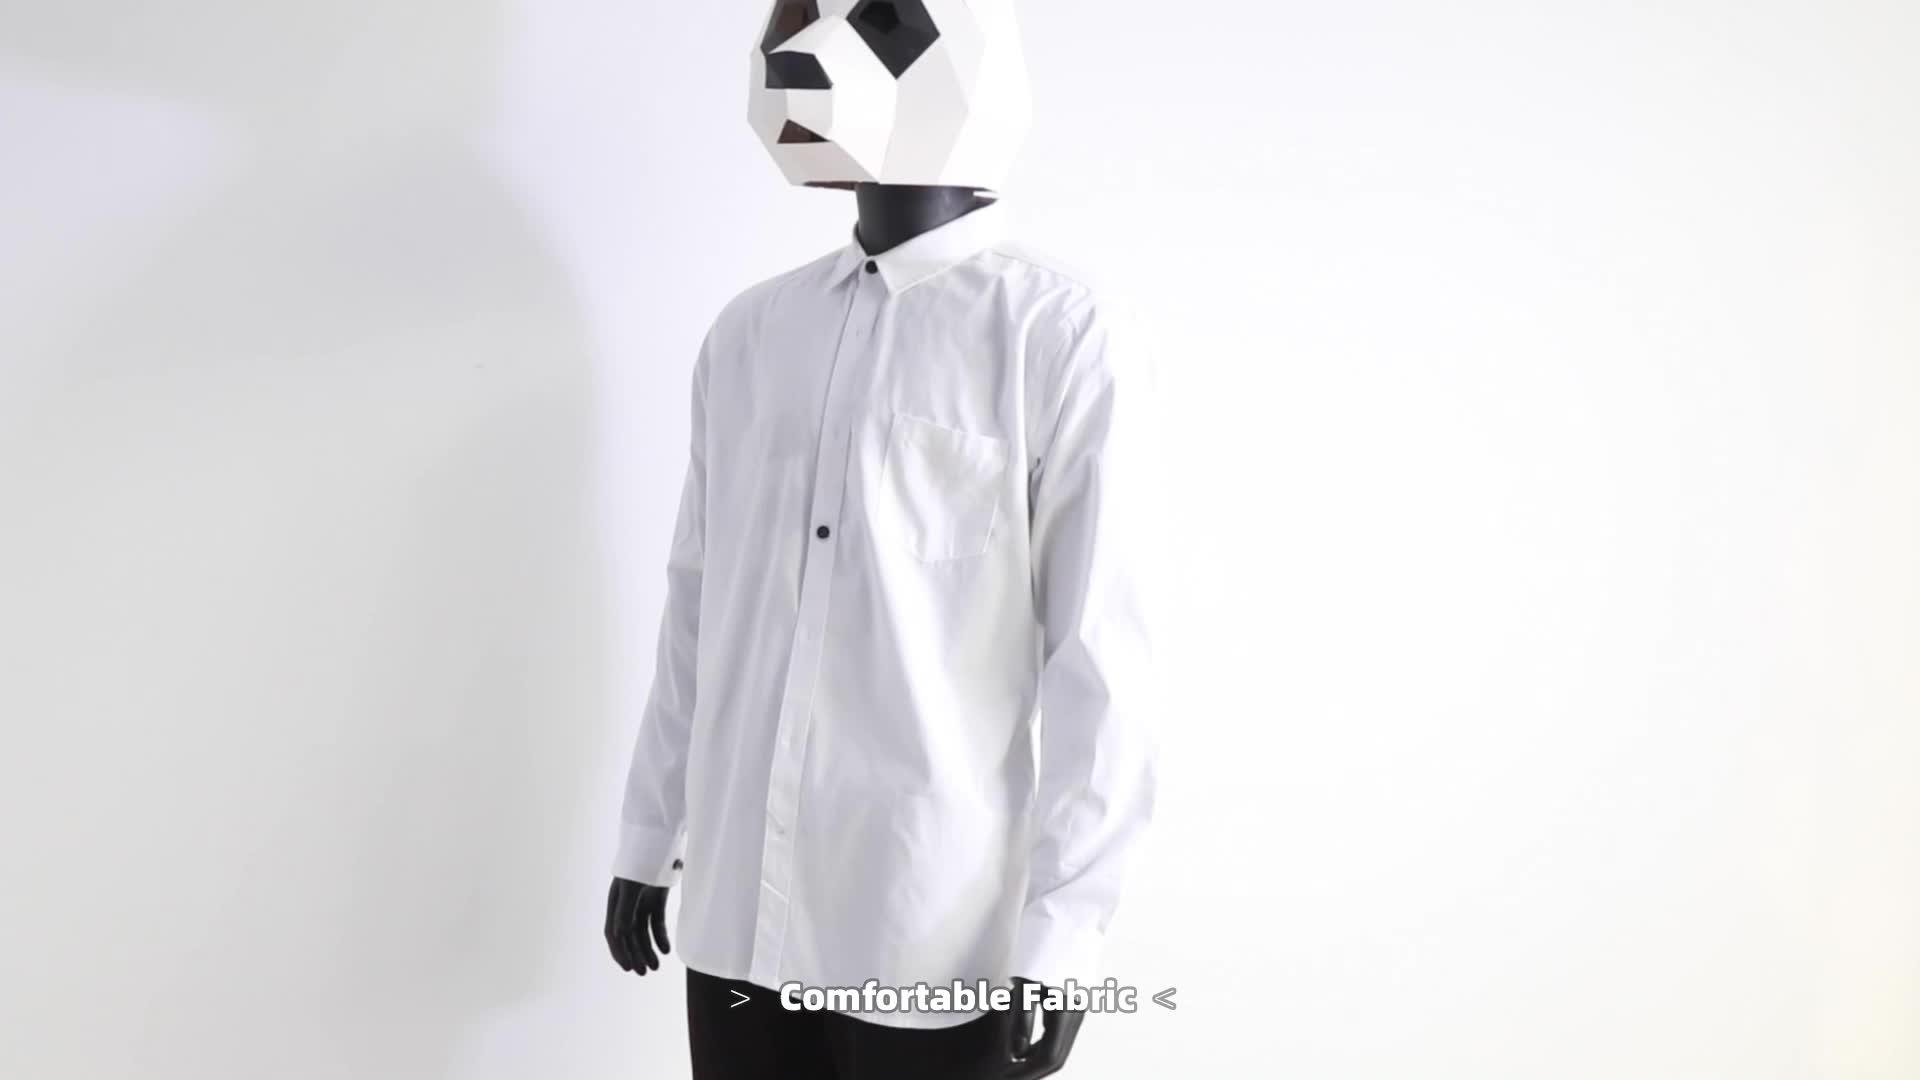 2020 Heißer Verkauf Oxford Baumwolle Shirts für Männer Lässige Benutzerdefinierte Drucken Striped Plaid männer Shirts